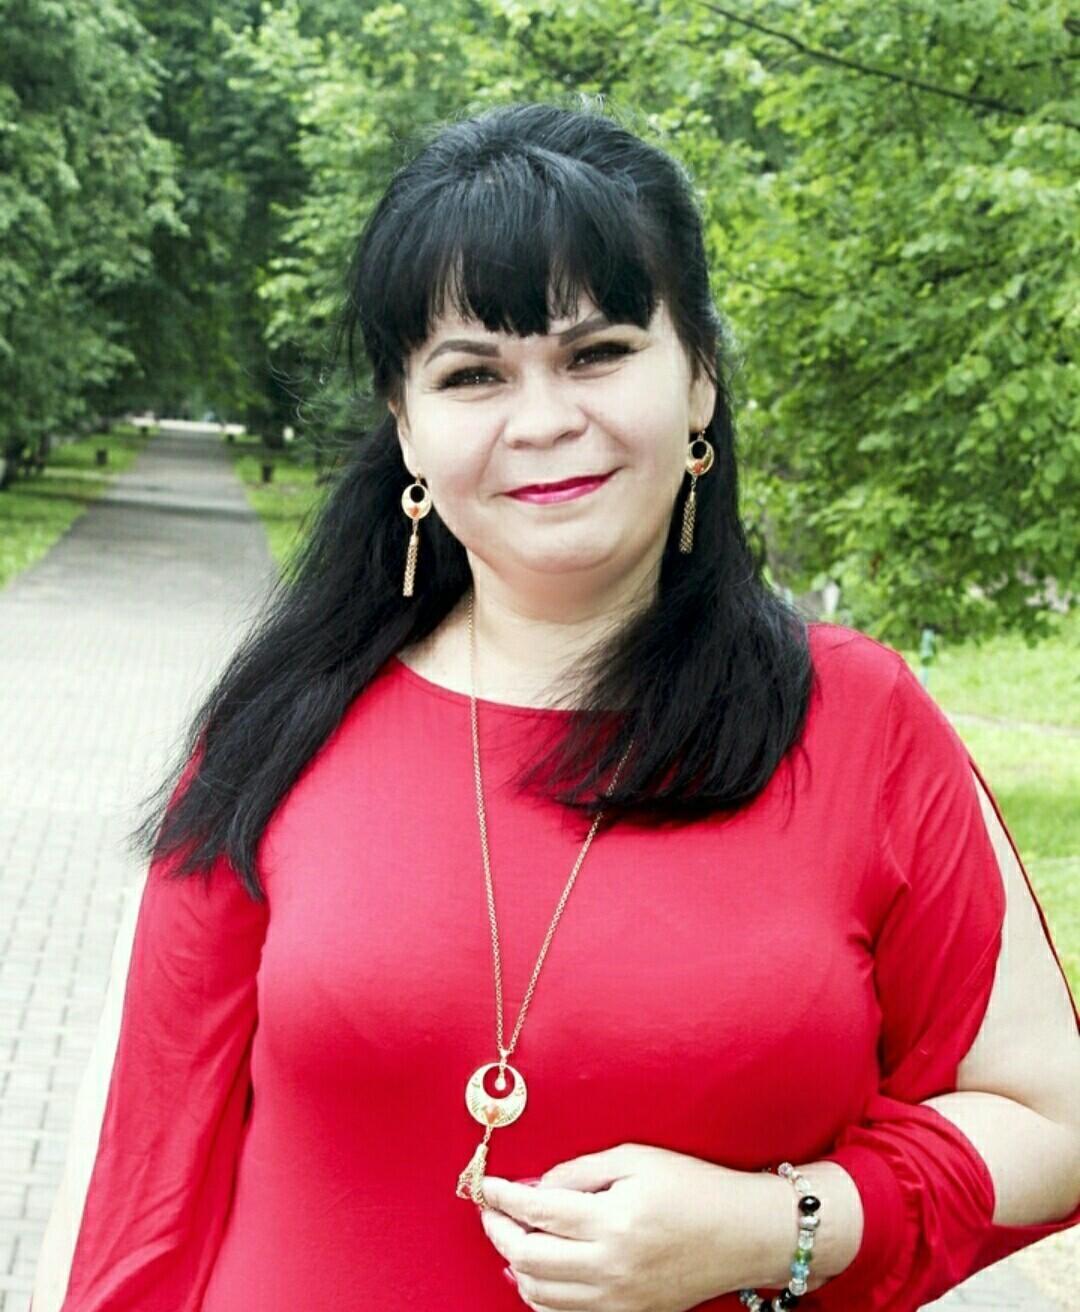 Многодетная мама: Моя мечта — открыть школу массажа Натальи Букатиной